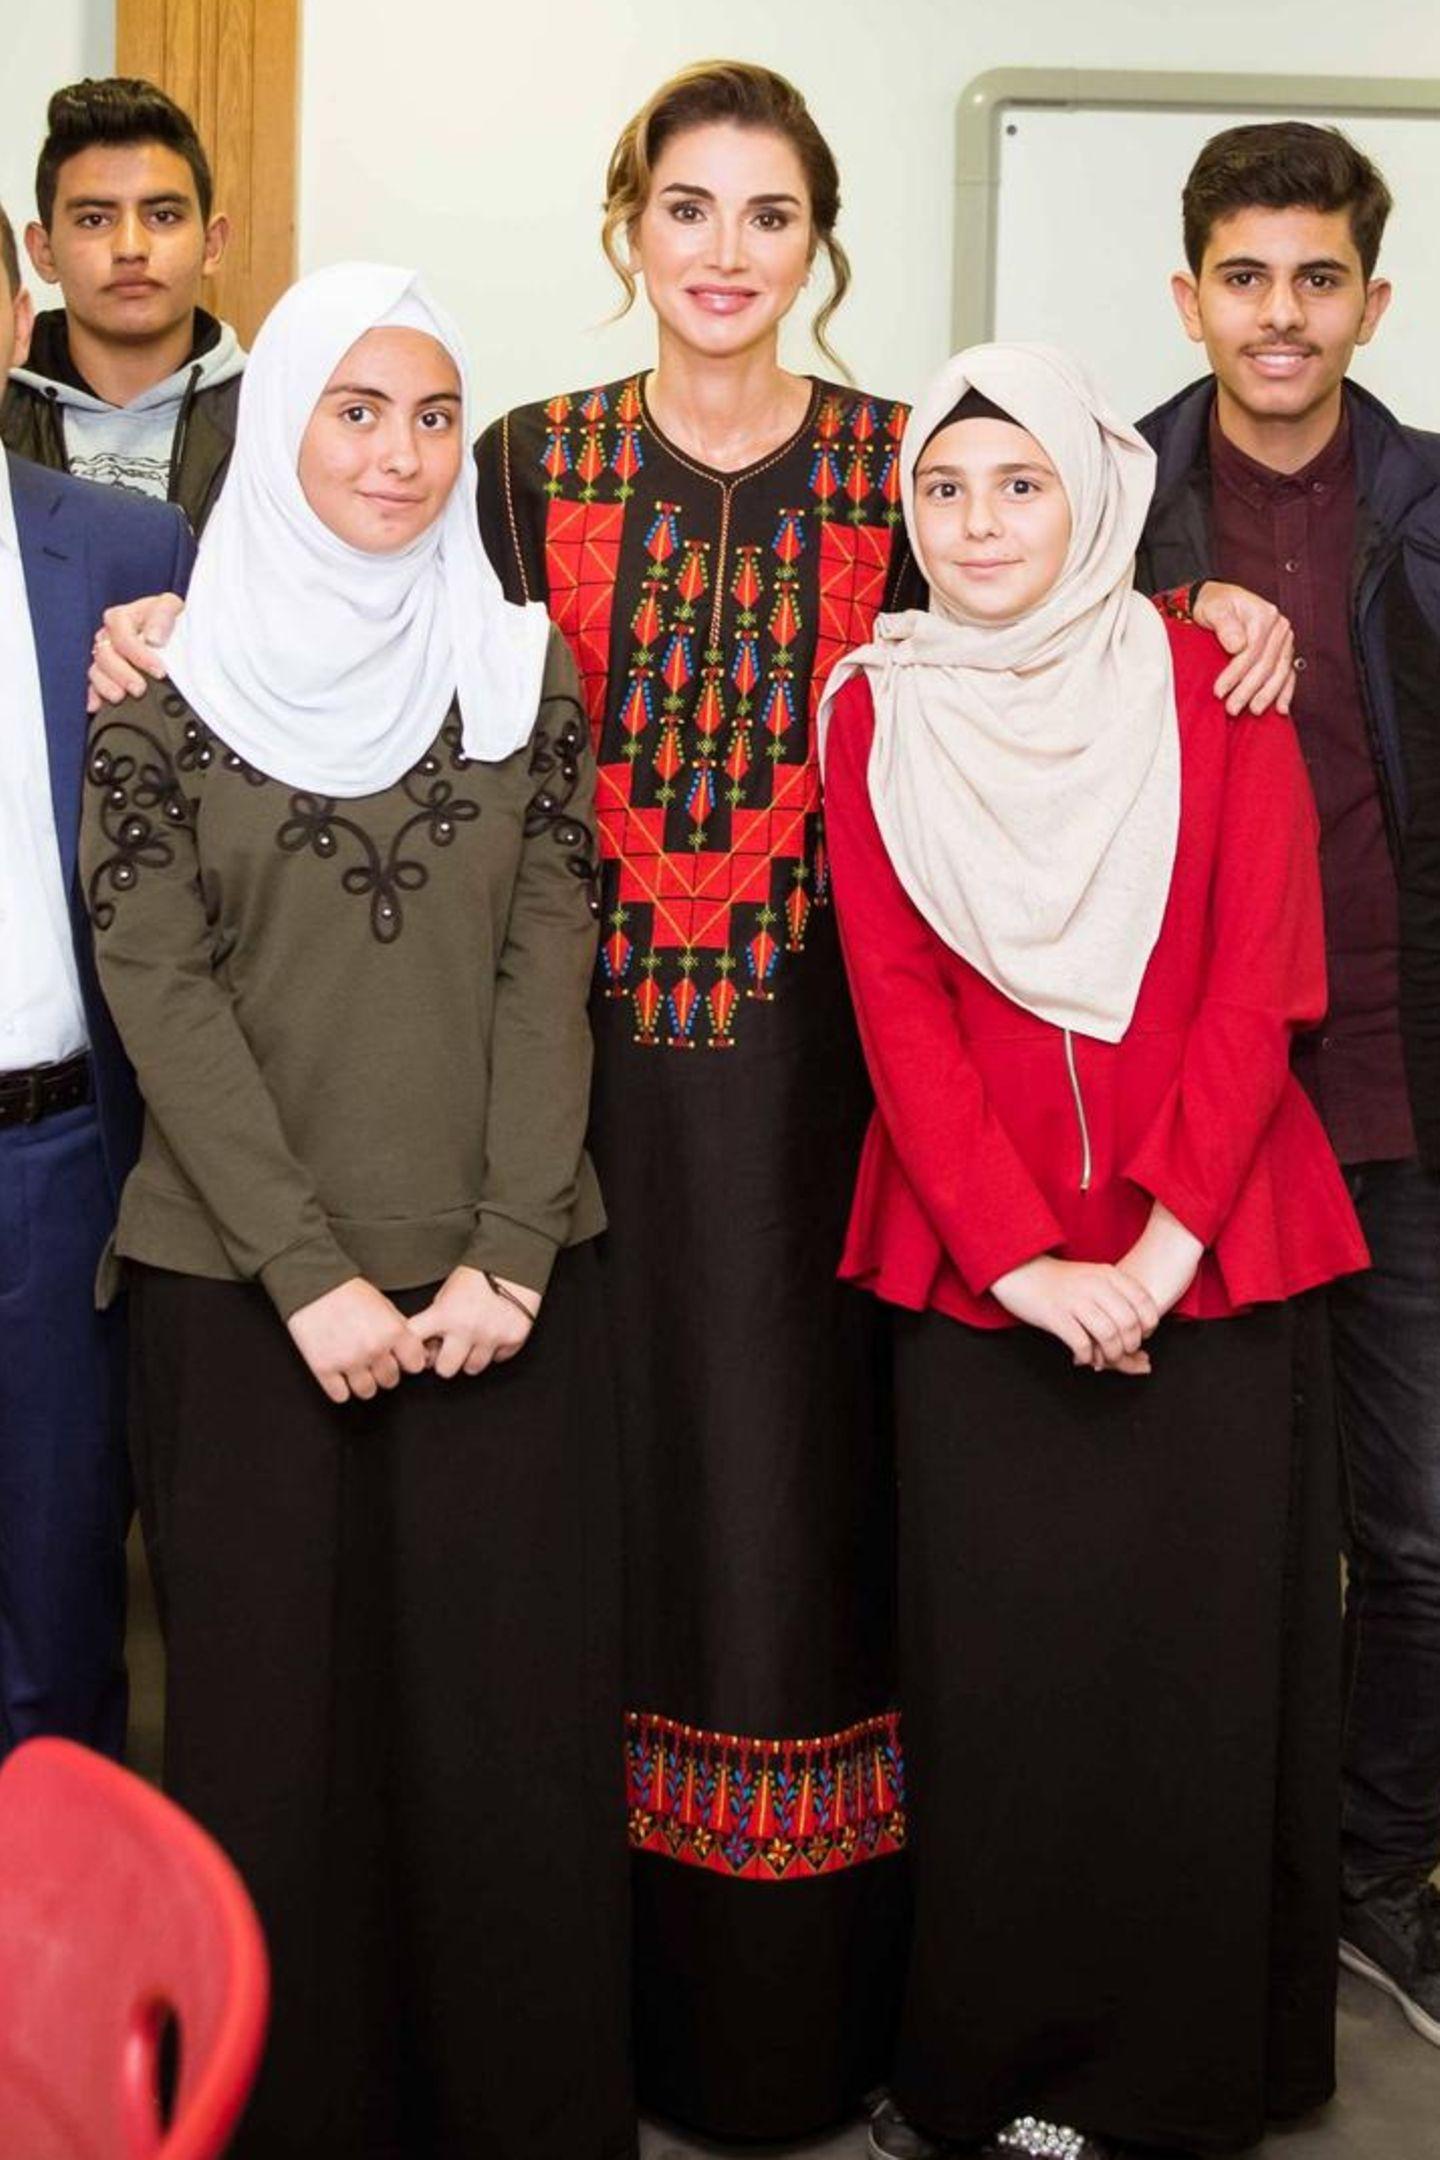 Während ihres Besuchs im Kulturzentrumtrifft Rania zahlreiche Mitglieder der ansässigen Gemeinde. Beim Posieren mit der Gruppe fällt auf: Die farbigen Stickereien am Kleid der Königin finden sich auch am Saum wieder.